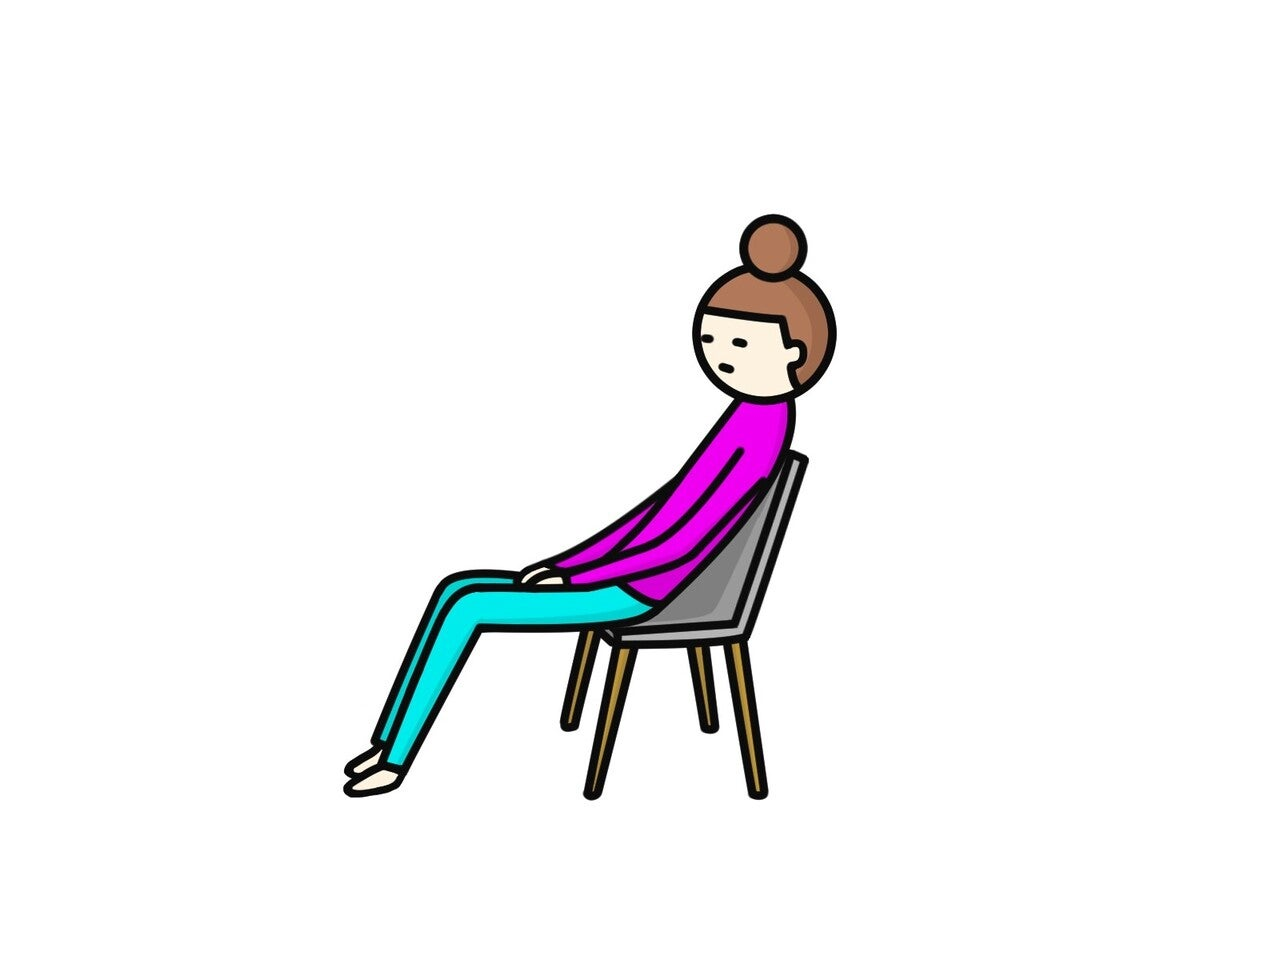 姿勢 椅子 体制 女性